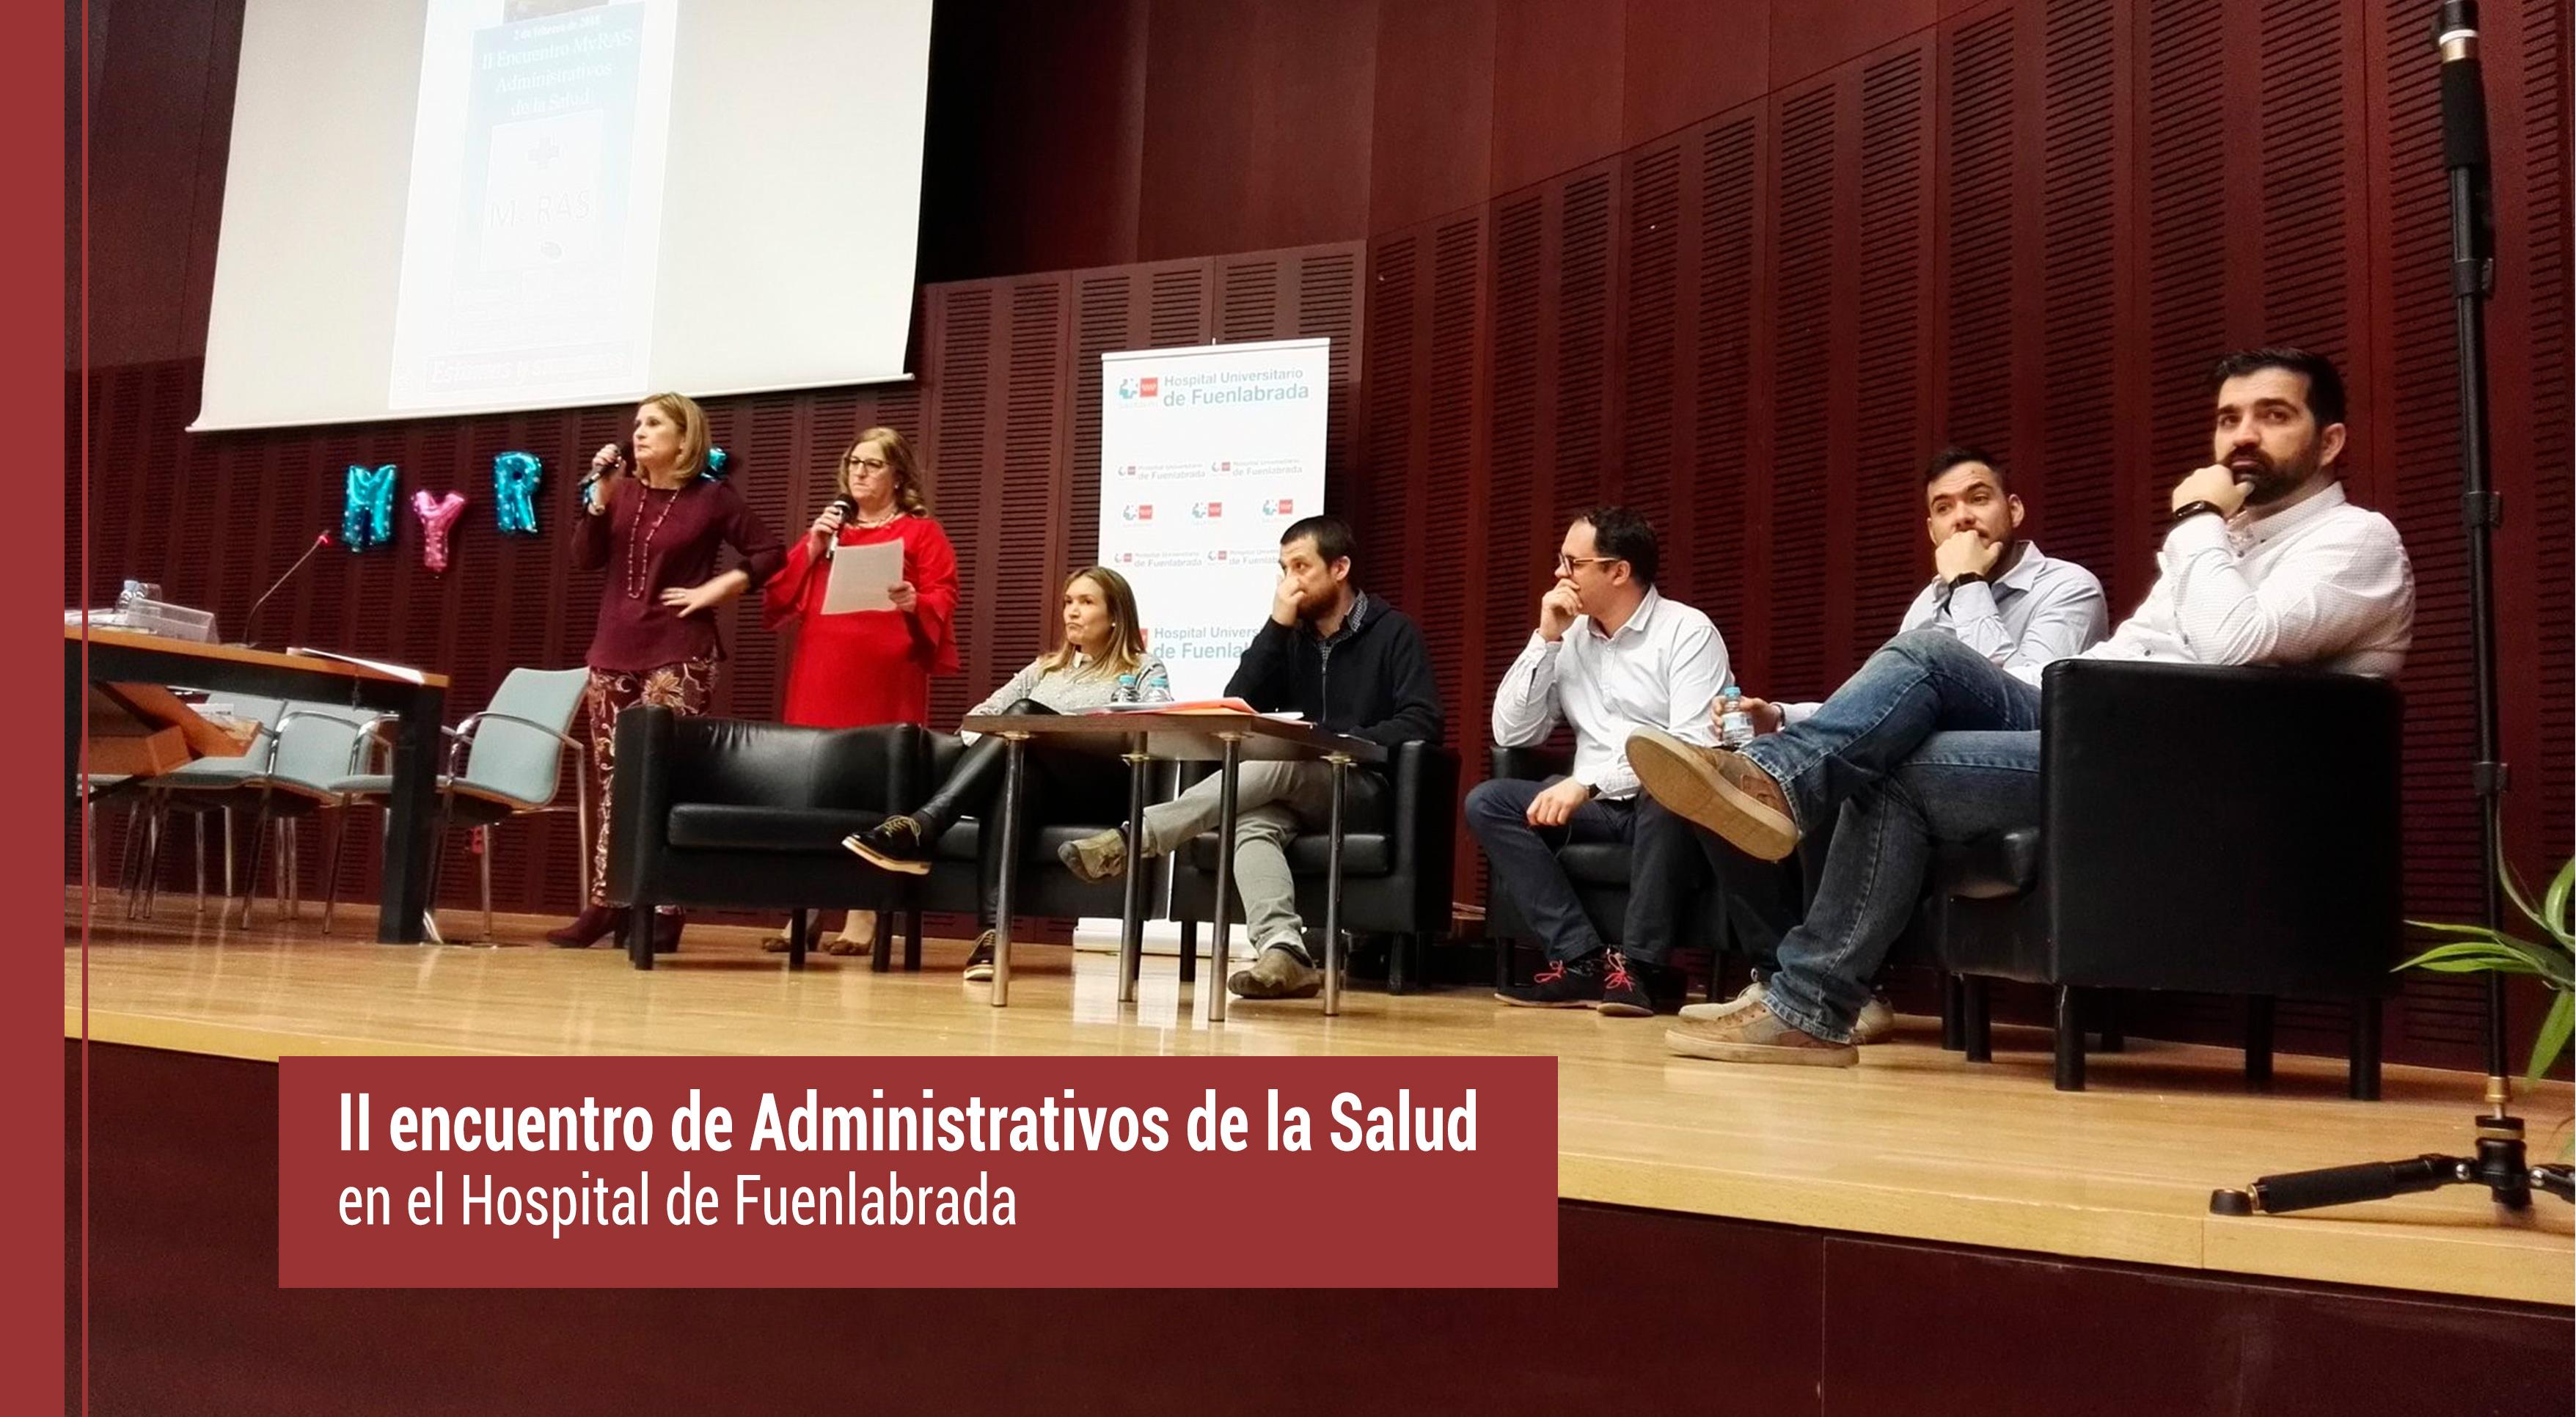 encuentro-administrativo-salud-hospital-fuenlabrada II encuentro de Administrativos de la Salud en el Hospital de Fuenlabrada